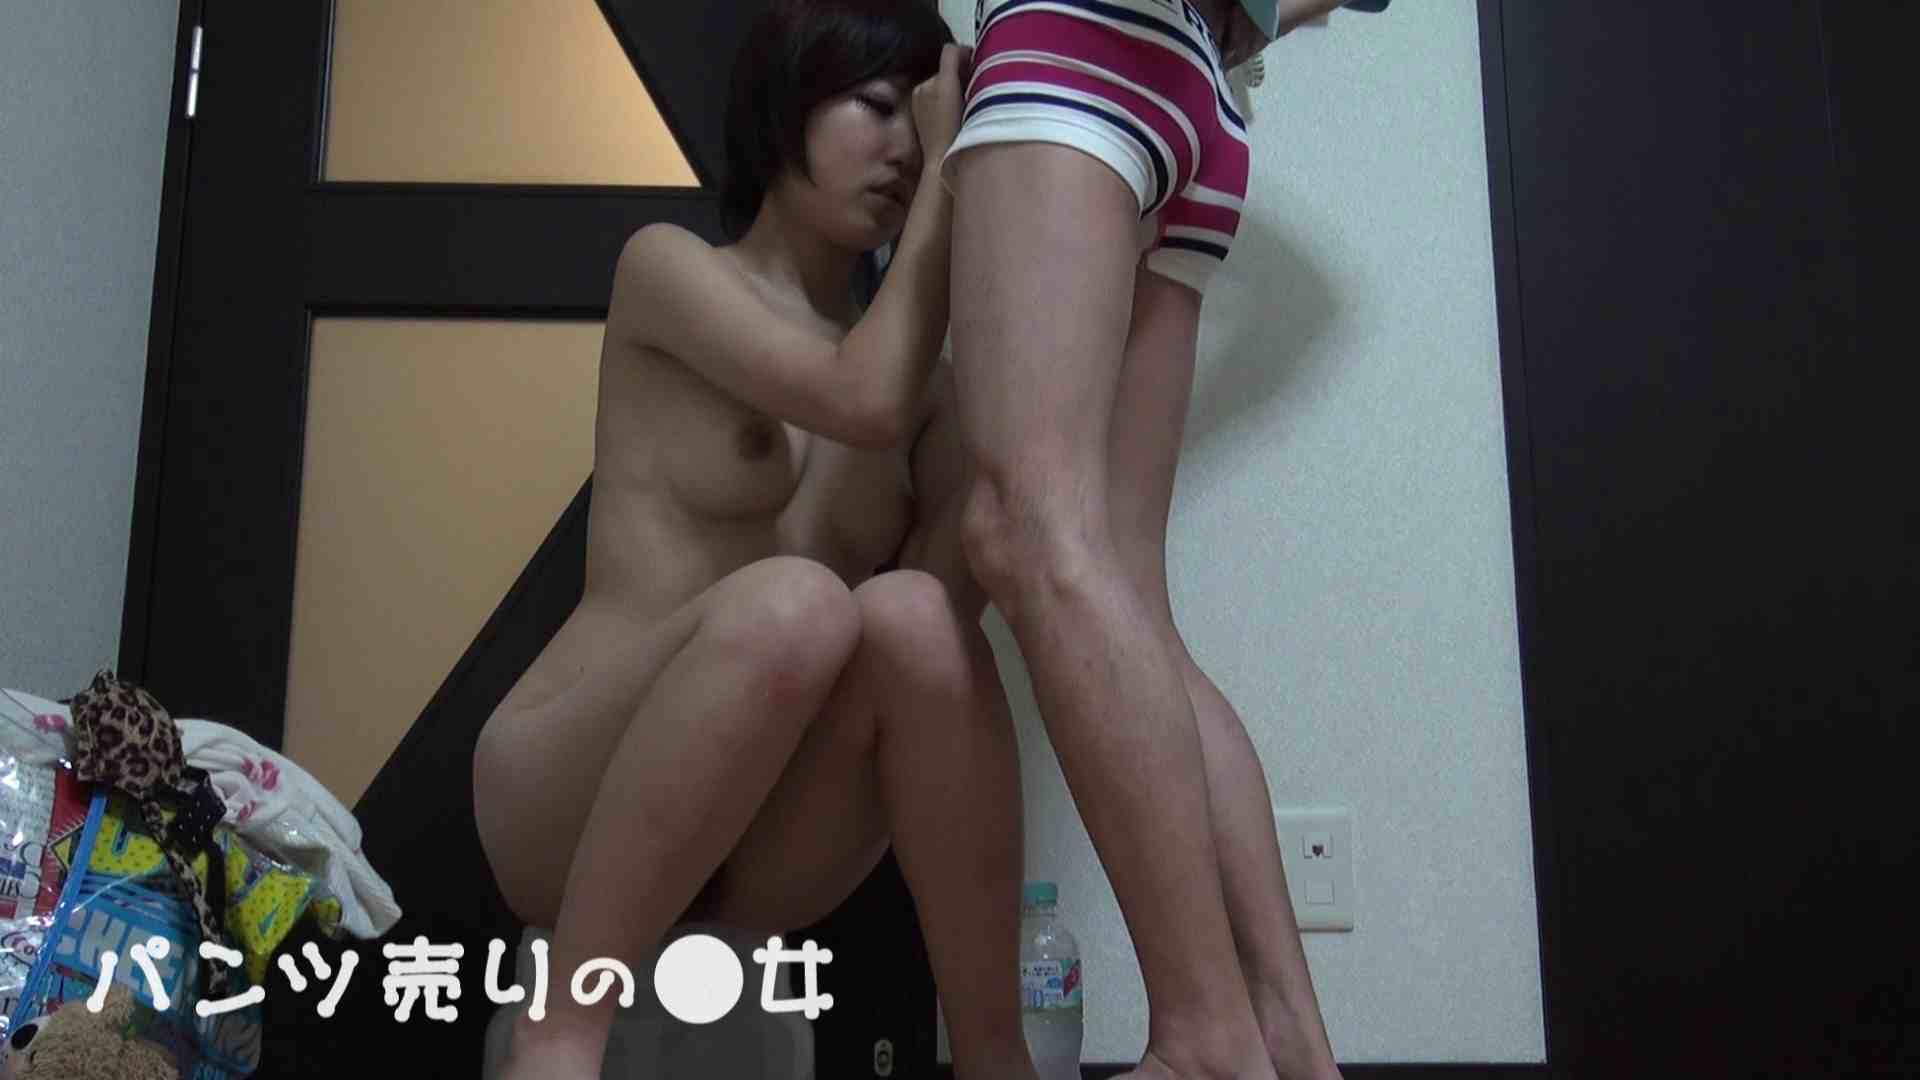 新説 パンツ売りの女の子nana02 おまんこ娘 | 独占盗撮  48連発 17